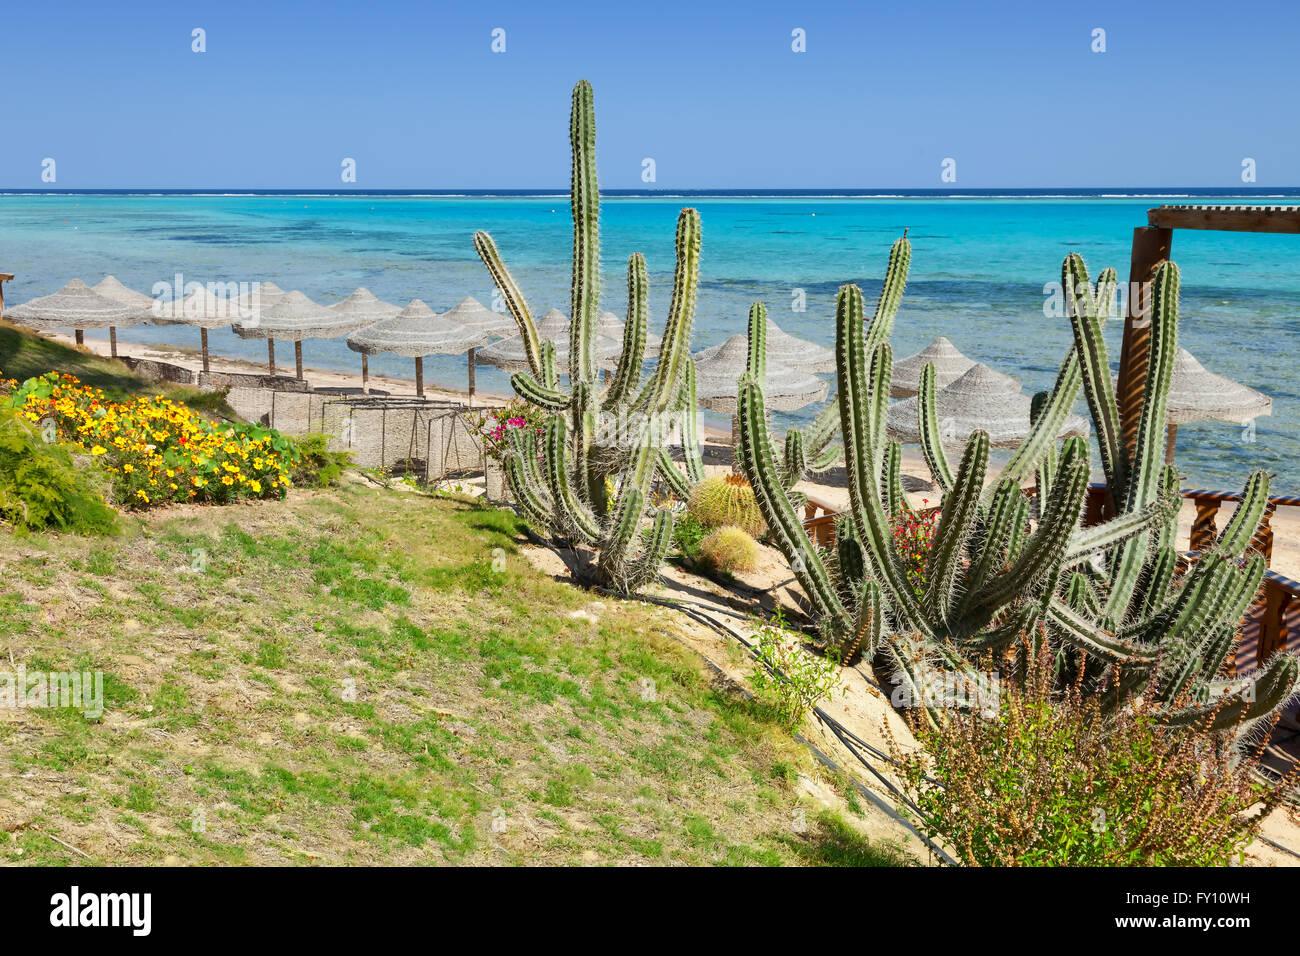 La playa y el mar en Marsa Alam, Mar Rojo, Egipto Imagen De Stock